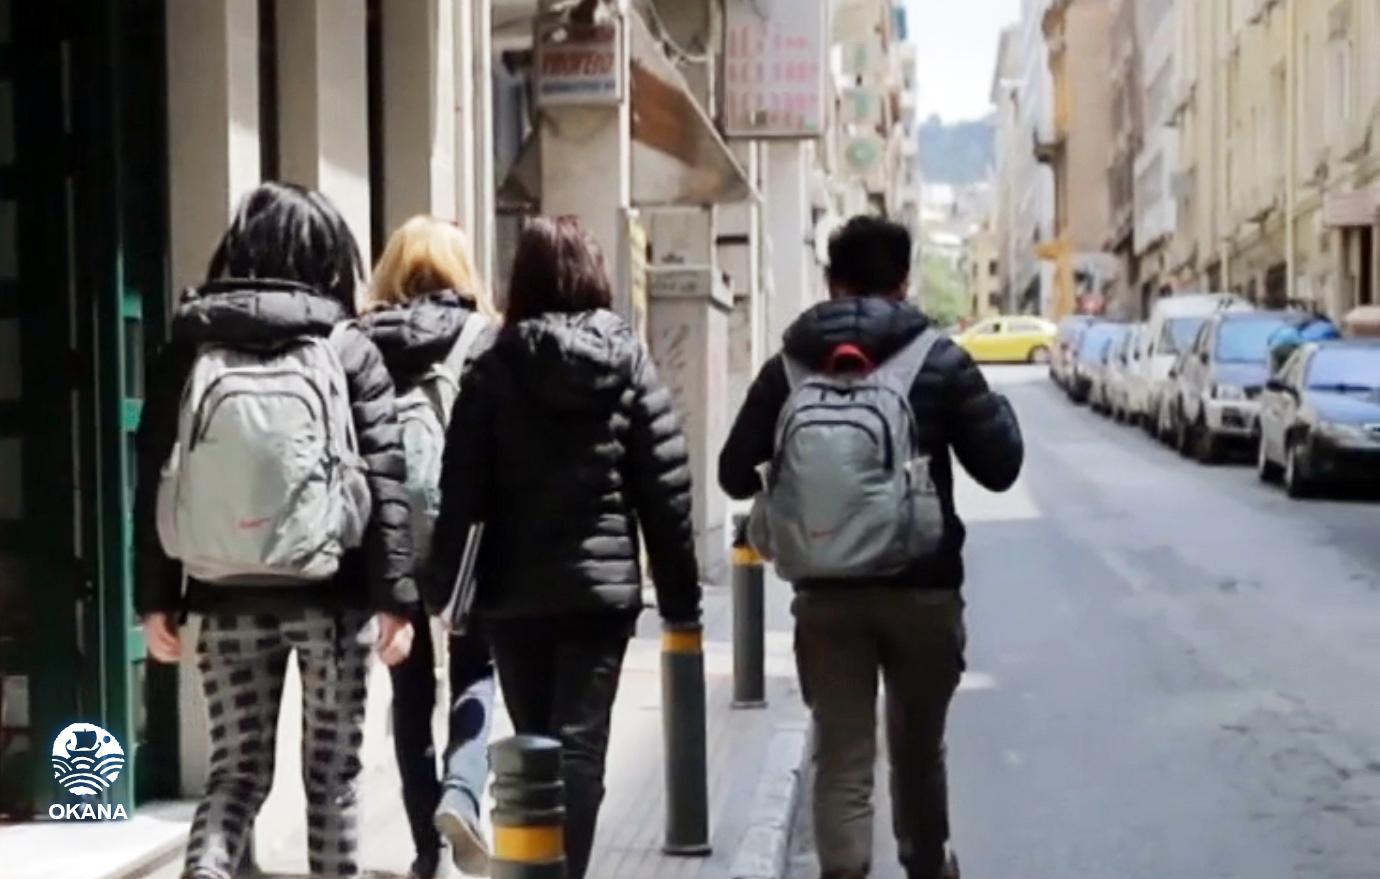 """Παγκόσμια Ημέρα Μείωσης της Βλάβης-  ΟΚΑΝΑ: «Μένουμε ζωντανοί, έχουμε επιλογή"""""""